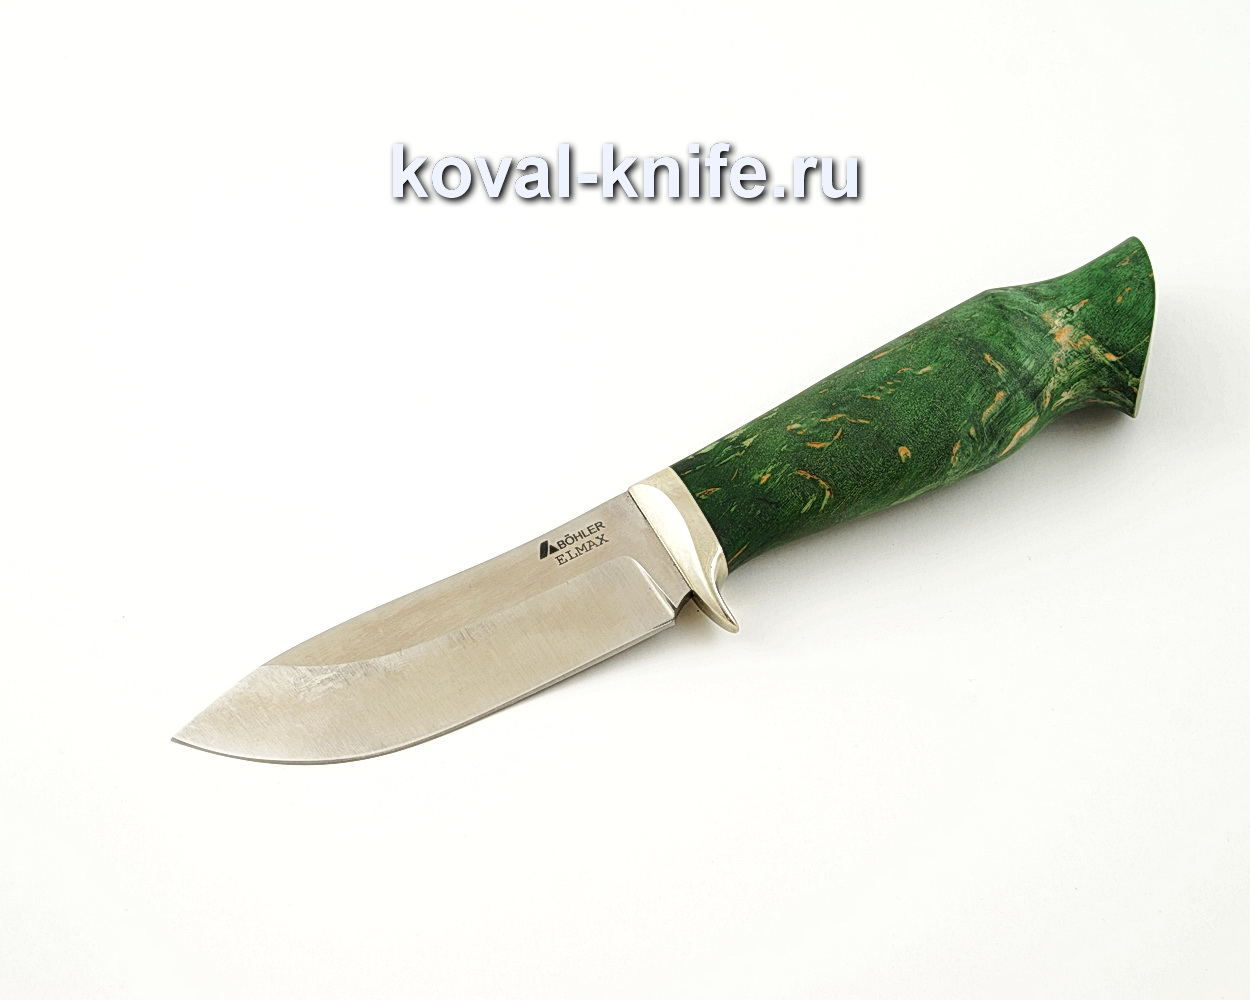 Нож Кабан из порошковой стали Elmax с рукоятью из стабилизированной карельской березы, гарда мельхиор A529